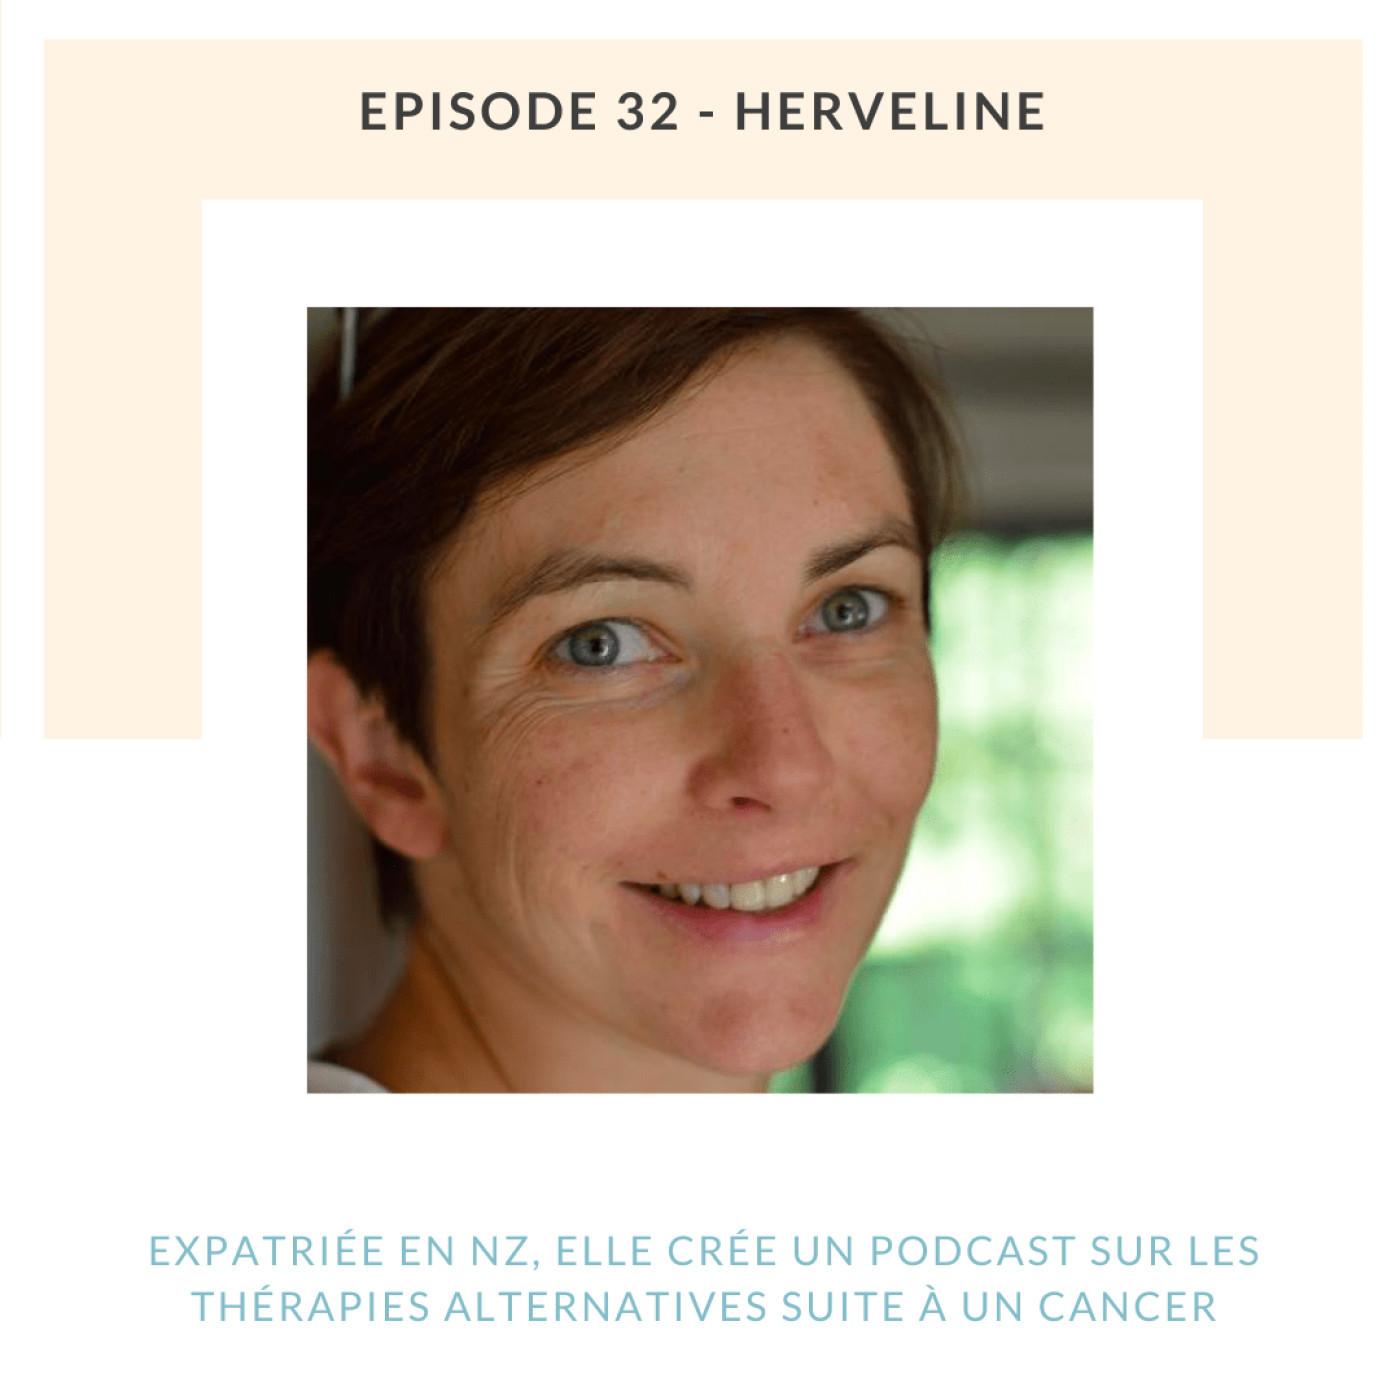 Herveline | Expatriée en NZ, elle crée un podcast sur les thérapies alternatives suite à un cancer du sein